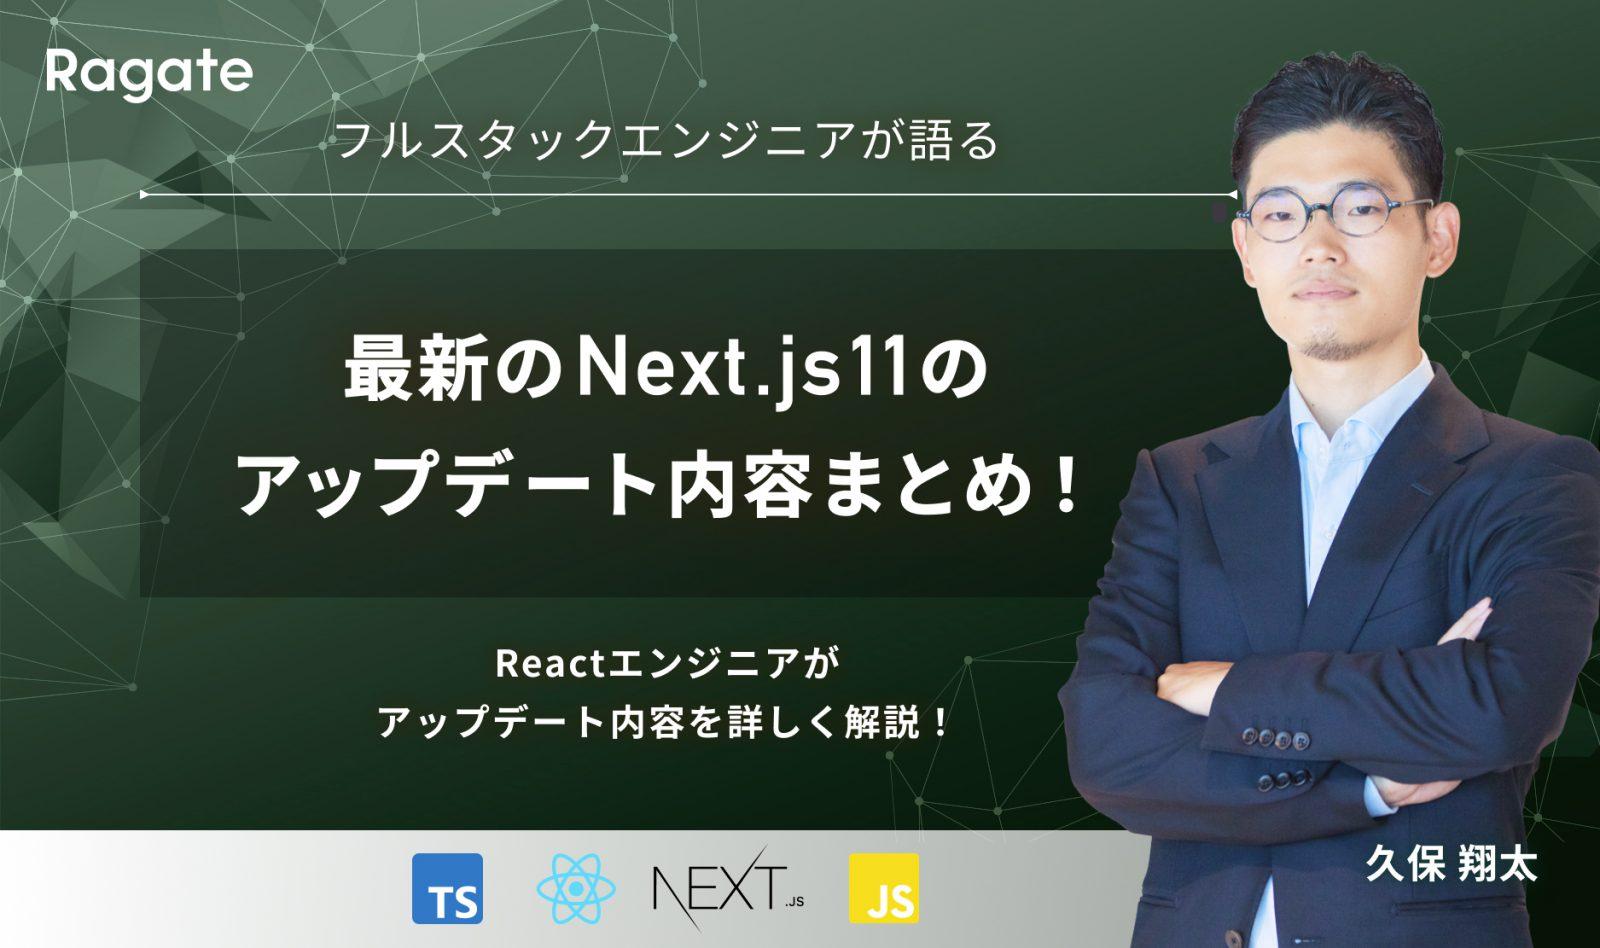 最新のNext.js11のアップデート内容をまとめ!Reactエンジニアがアップデート内容を詳しく解説!